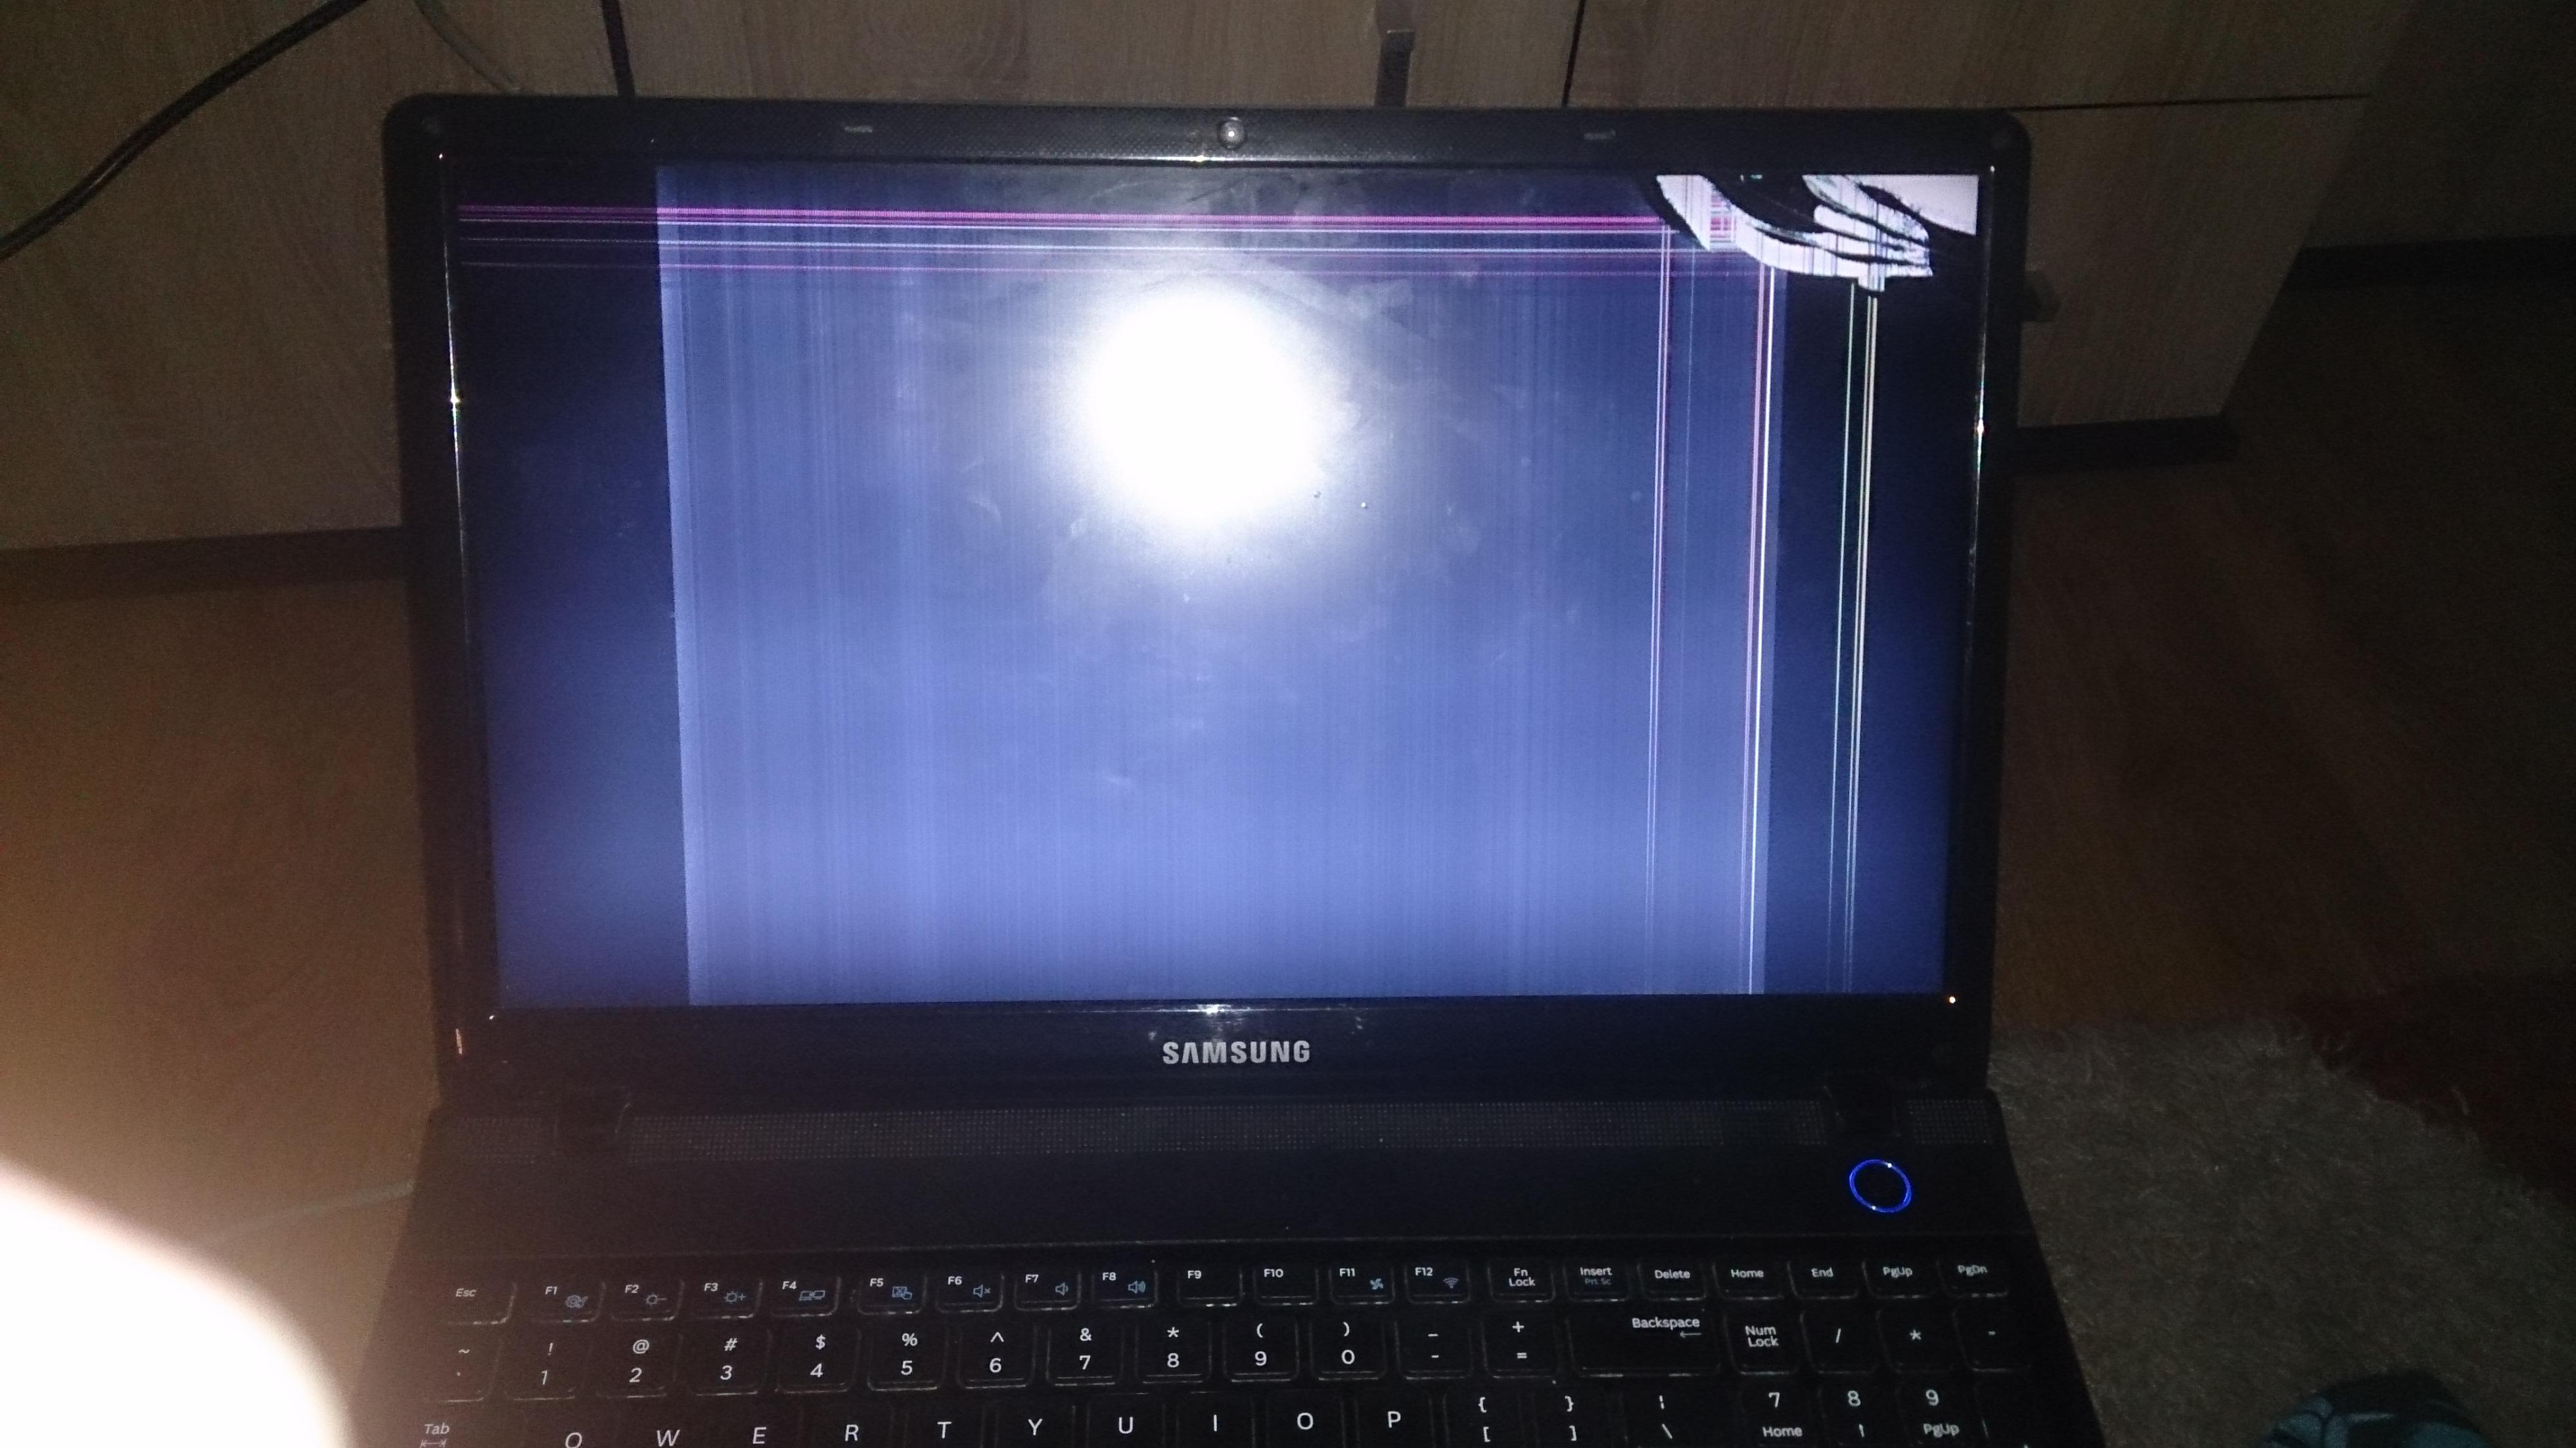 Samsung NP300E5A - prawdopodobnie uszkodzona matryca po upadku z ��ka